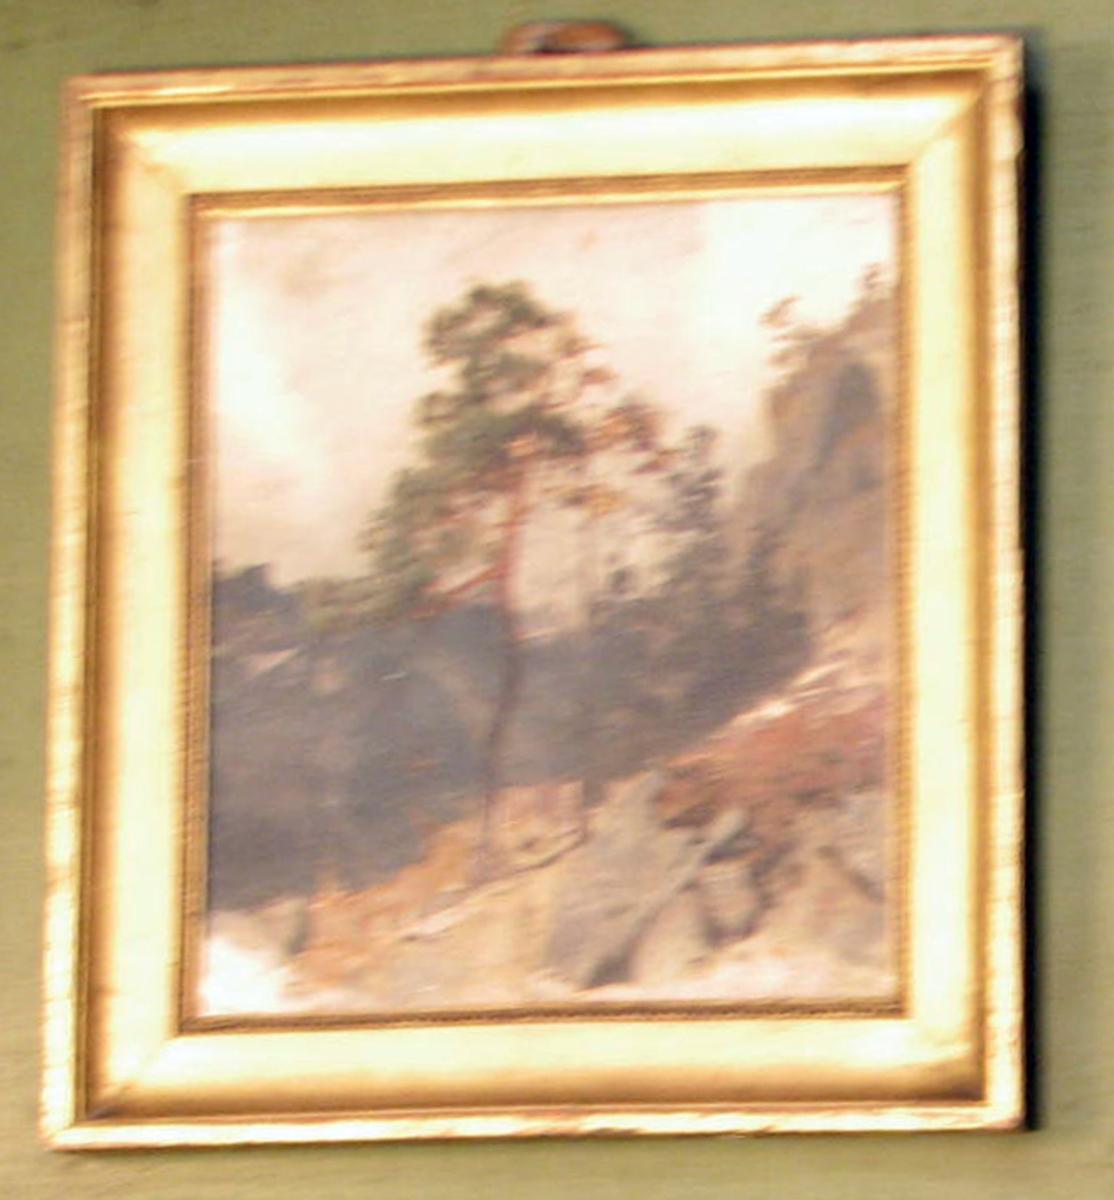 Rektangulært. Landskap; 2 furuer, bergkammer tilh., blågrå skog På baks. plate m. fargeprøver.